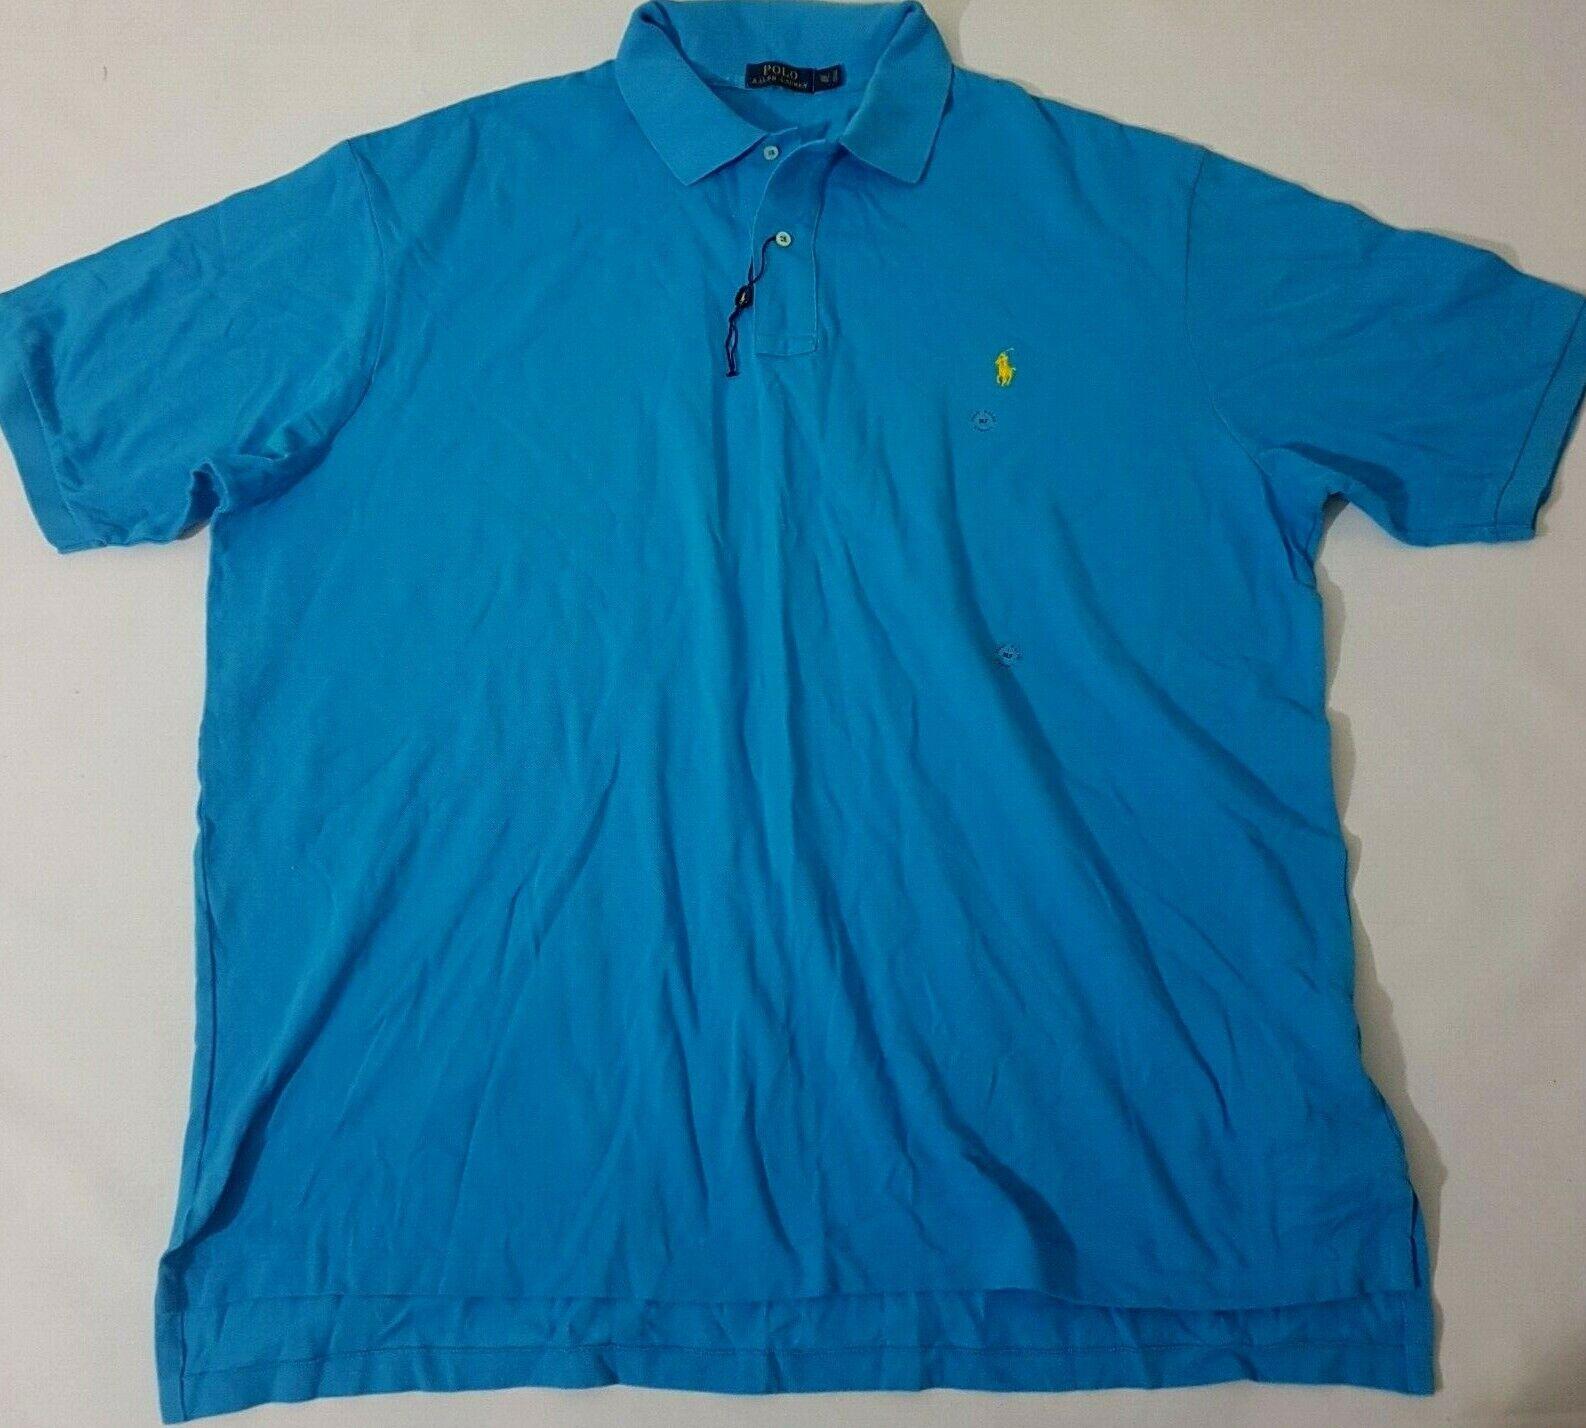 Ralph Lauren Polo Camiseta  Clásico de malla de manga corta azul XXXL 3XL de alto grande XXXXL T  clásico atemporal